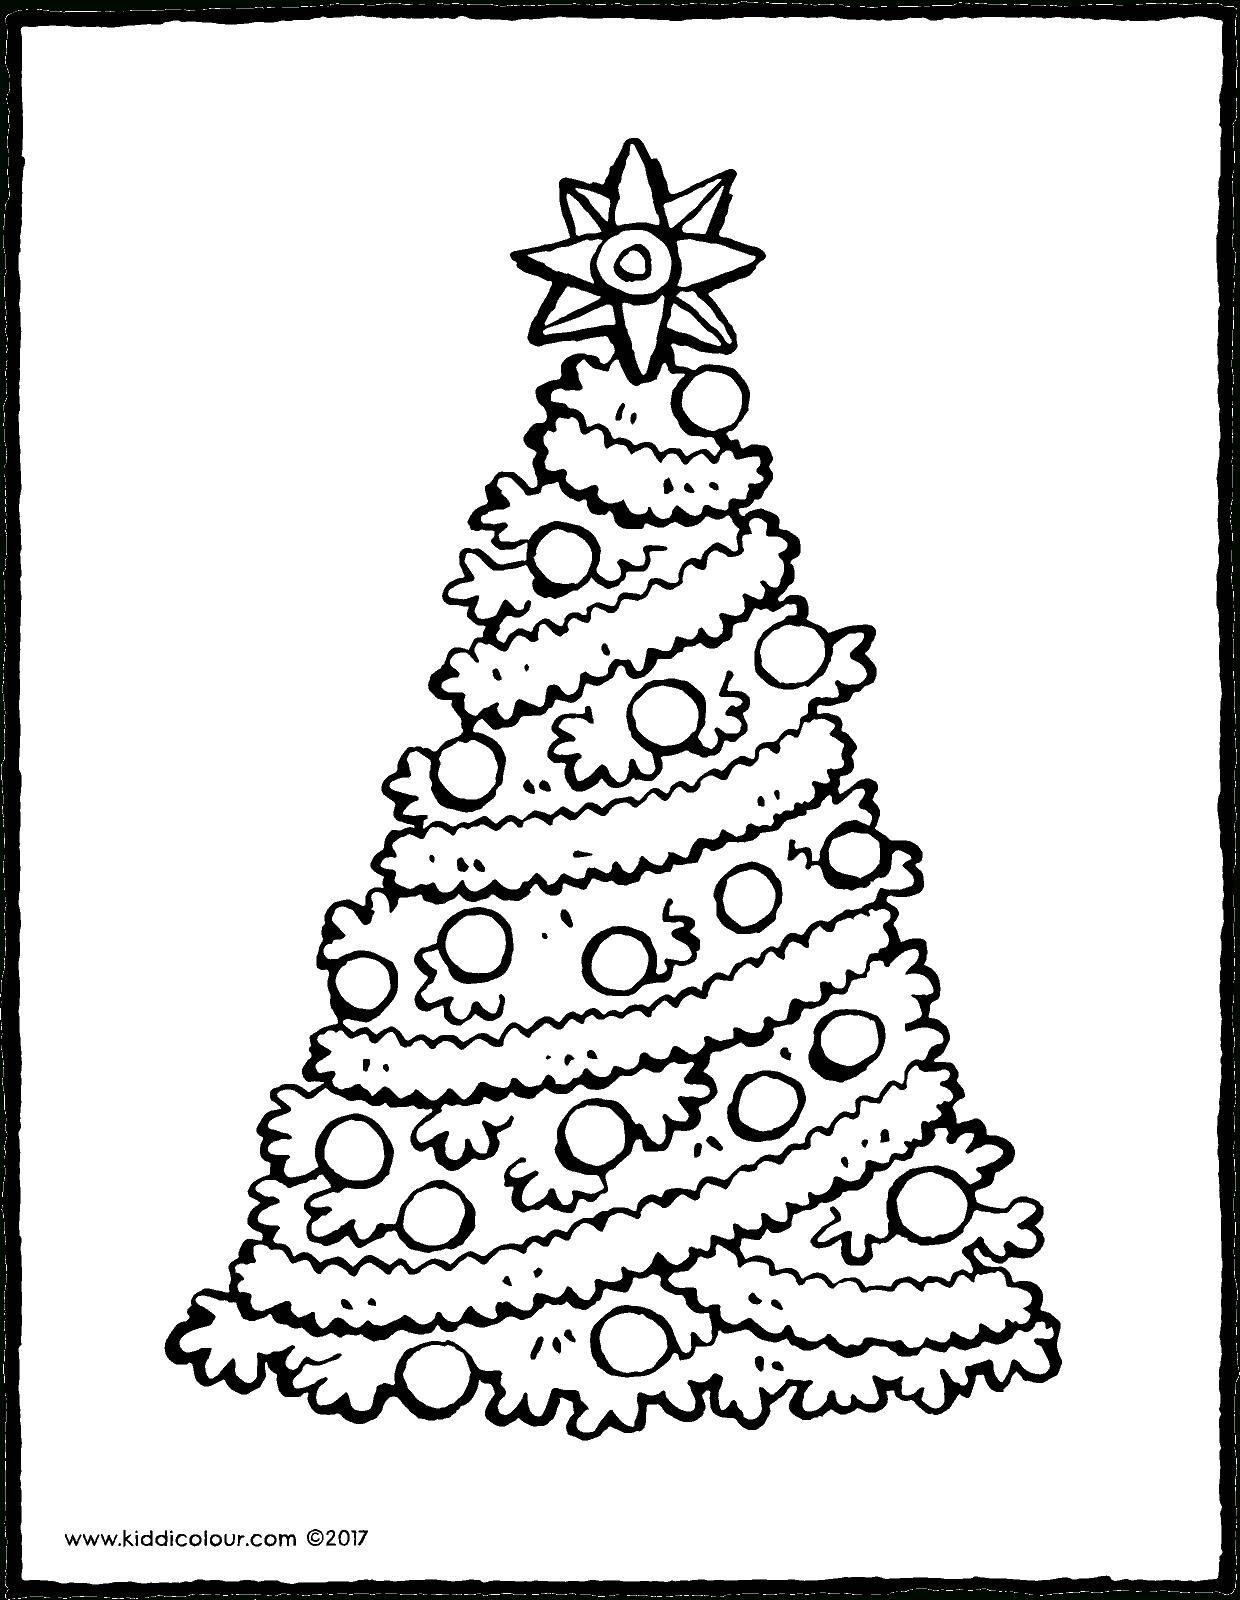 Ein Weihnachtsbaum Mit Einem Großen Stern - Kiddimalseite über Malvorlage Weihnachtsbaum